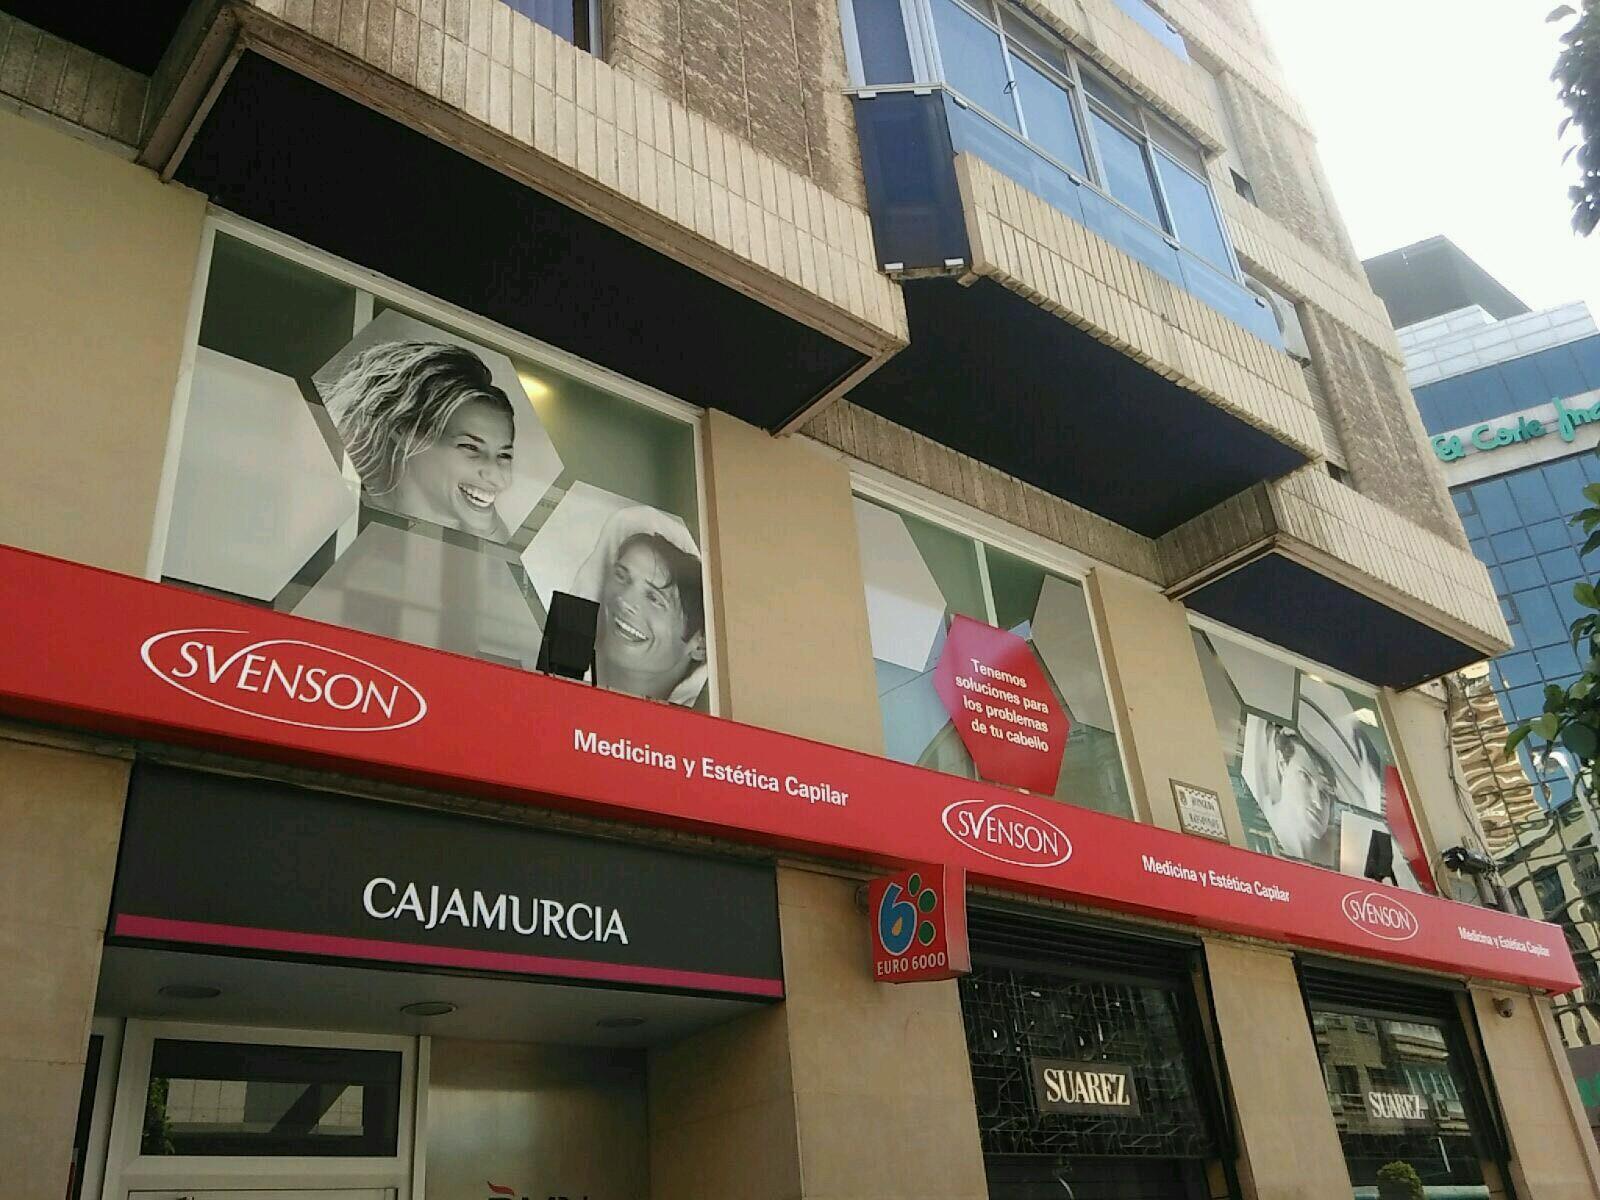 Fachada exterior de la clínica capilar Svenson en Alicante